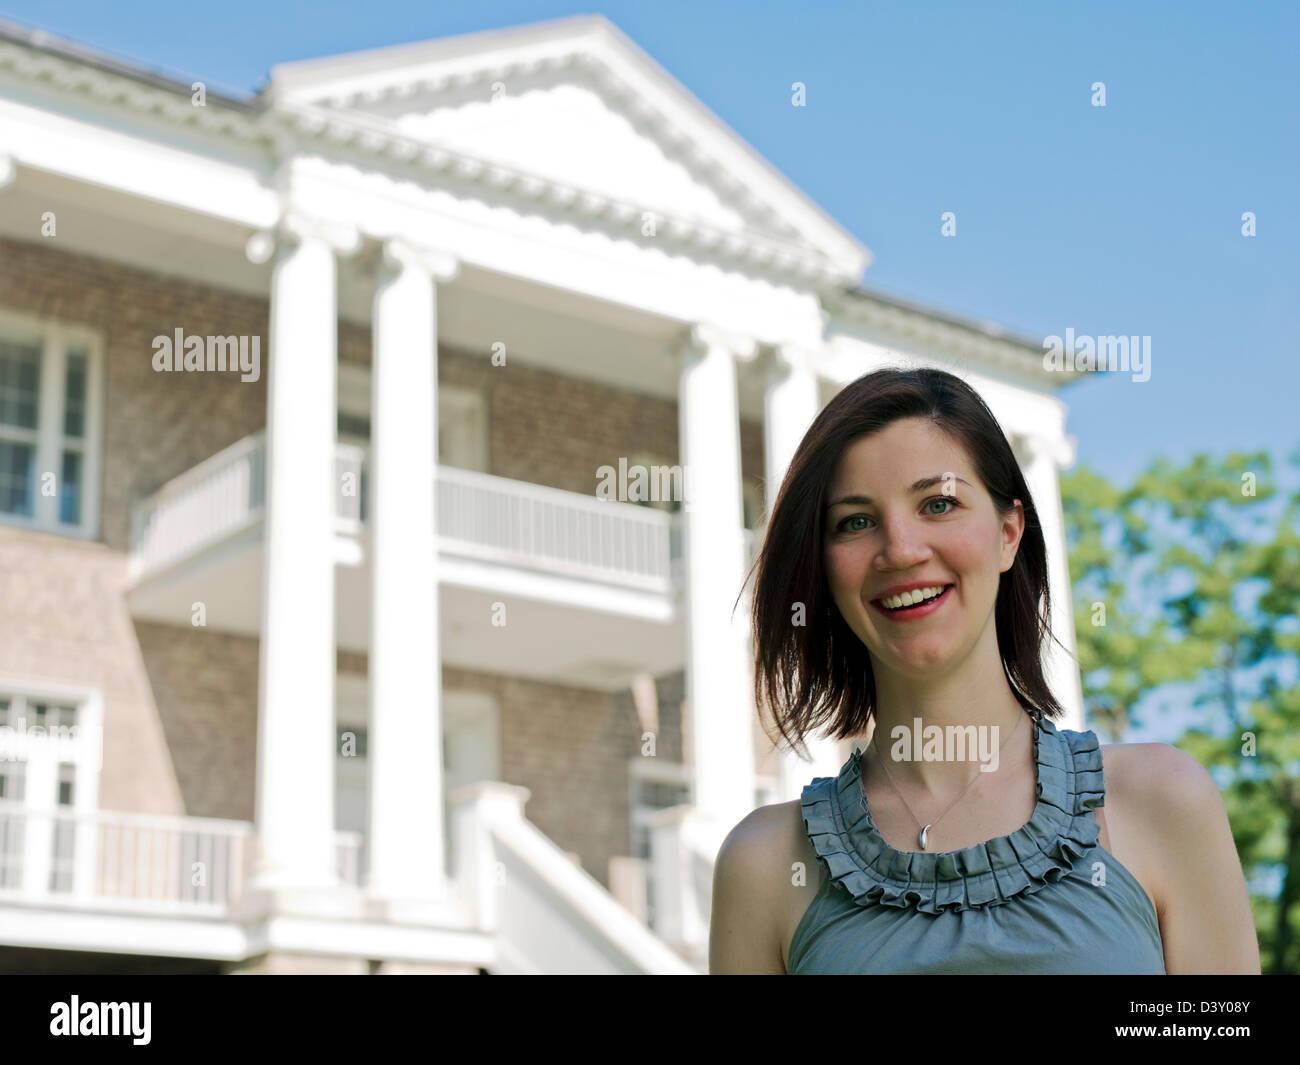 weibliche Teenager vor neoklassizistischen Gebäude Stockbild